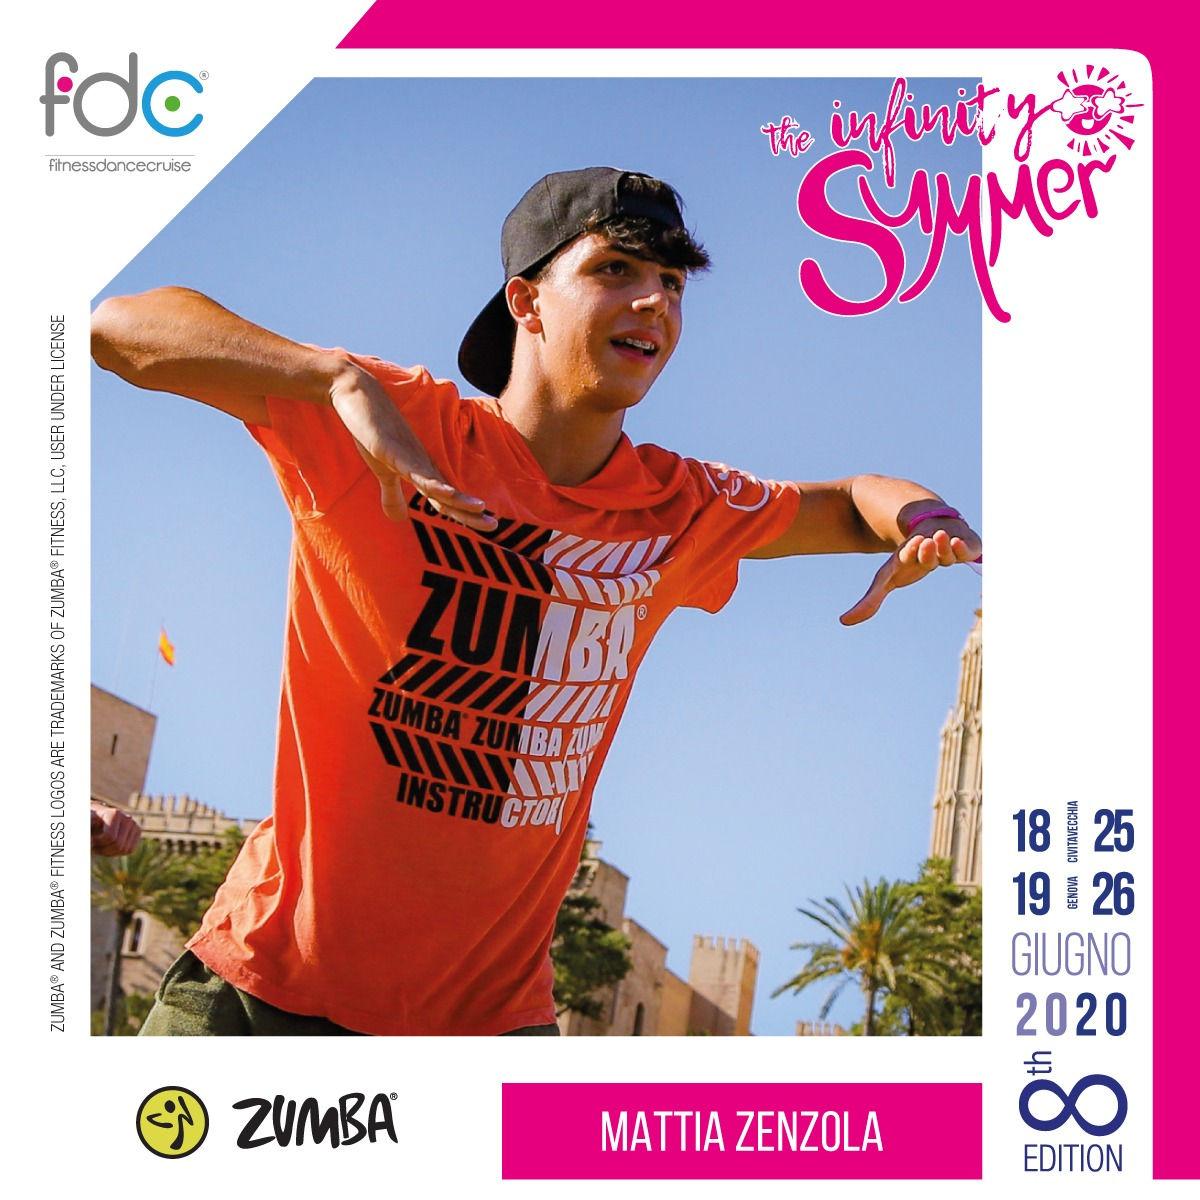 Zumba FDC Presenter Mattia Zenzola